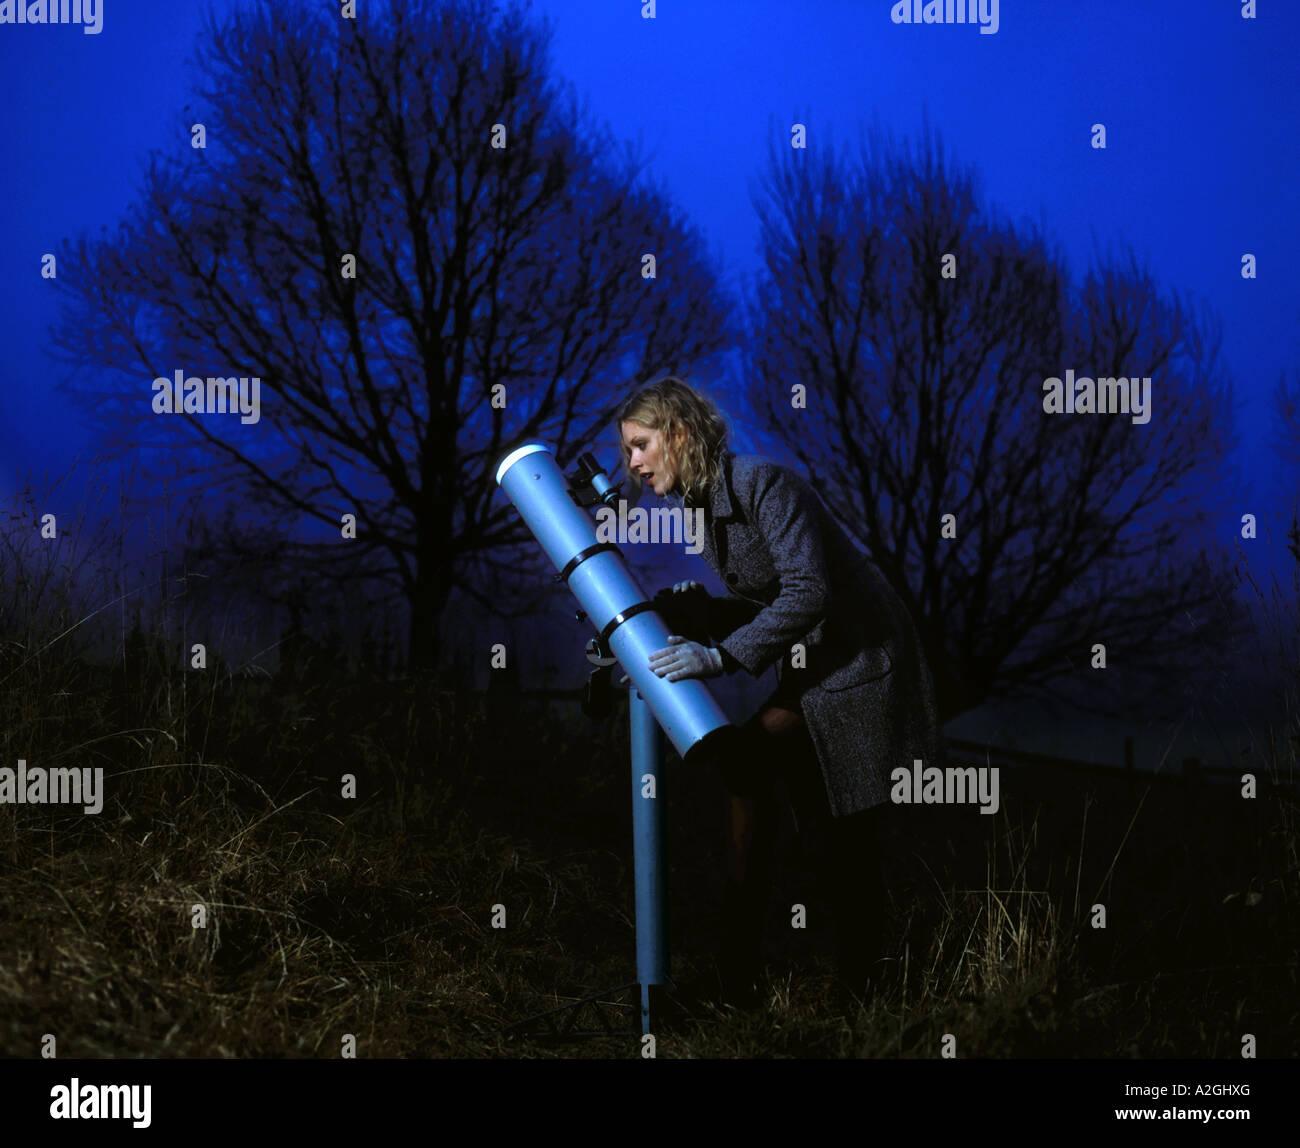 1212826 outdoor parco di alberi ad albero sera notte autunno giovane donna 25 30 capelli biondi curly coat stand Immagini Stock